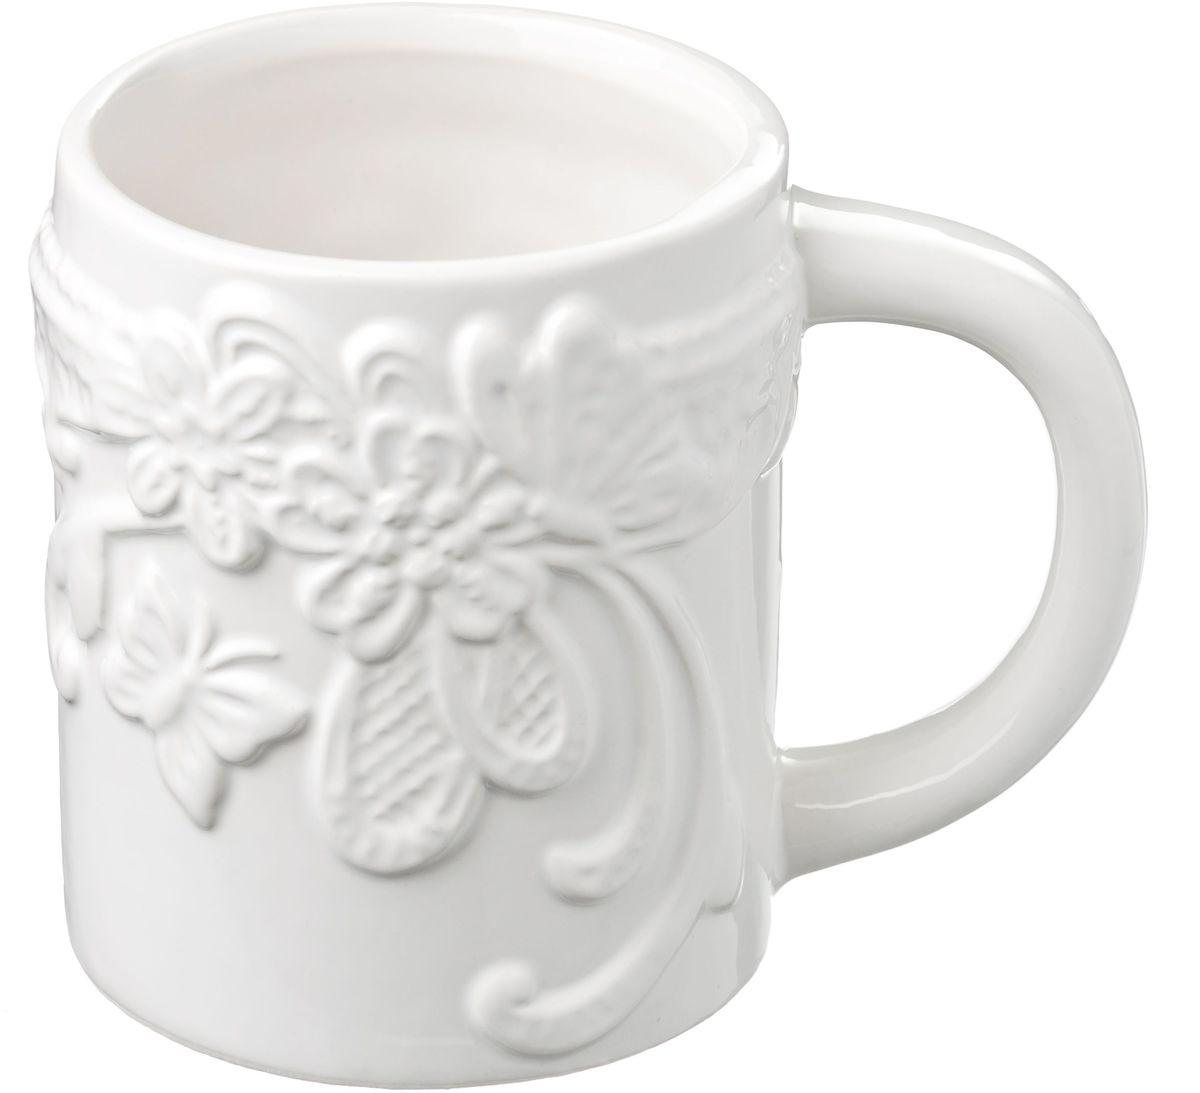 Кружка Vetta Бабочка, 450 мл54 009312Кружка Бабочки, выполненная из высококачественной керамики, украшена рельефным рисунком в виде узоров, бабочек и цветов. Изделие оснащено удобной ручкой. Кружка сочетает в себе оригинальный дизайн и функциональность. Благодаря такой кружке пить напитки будет еще вкуснее.